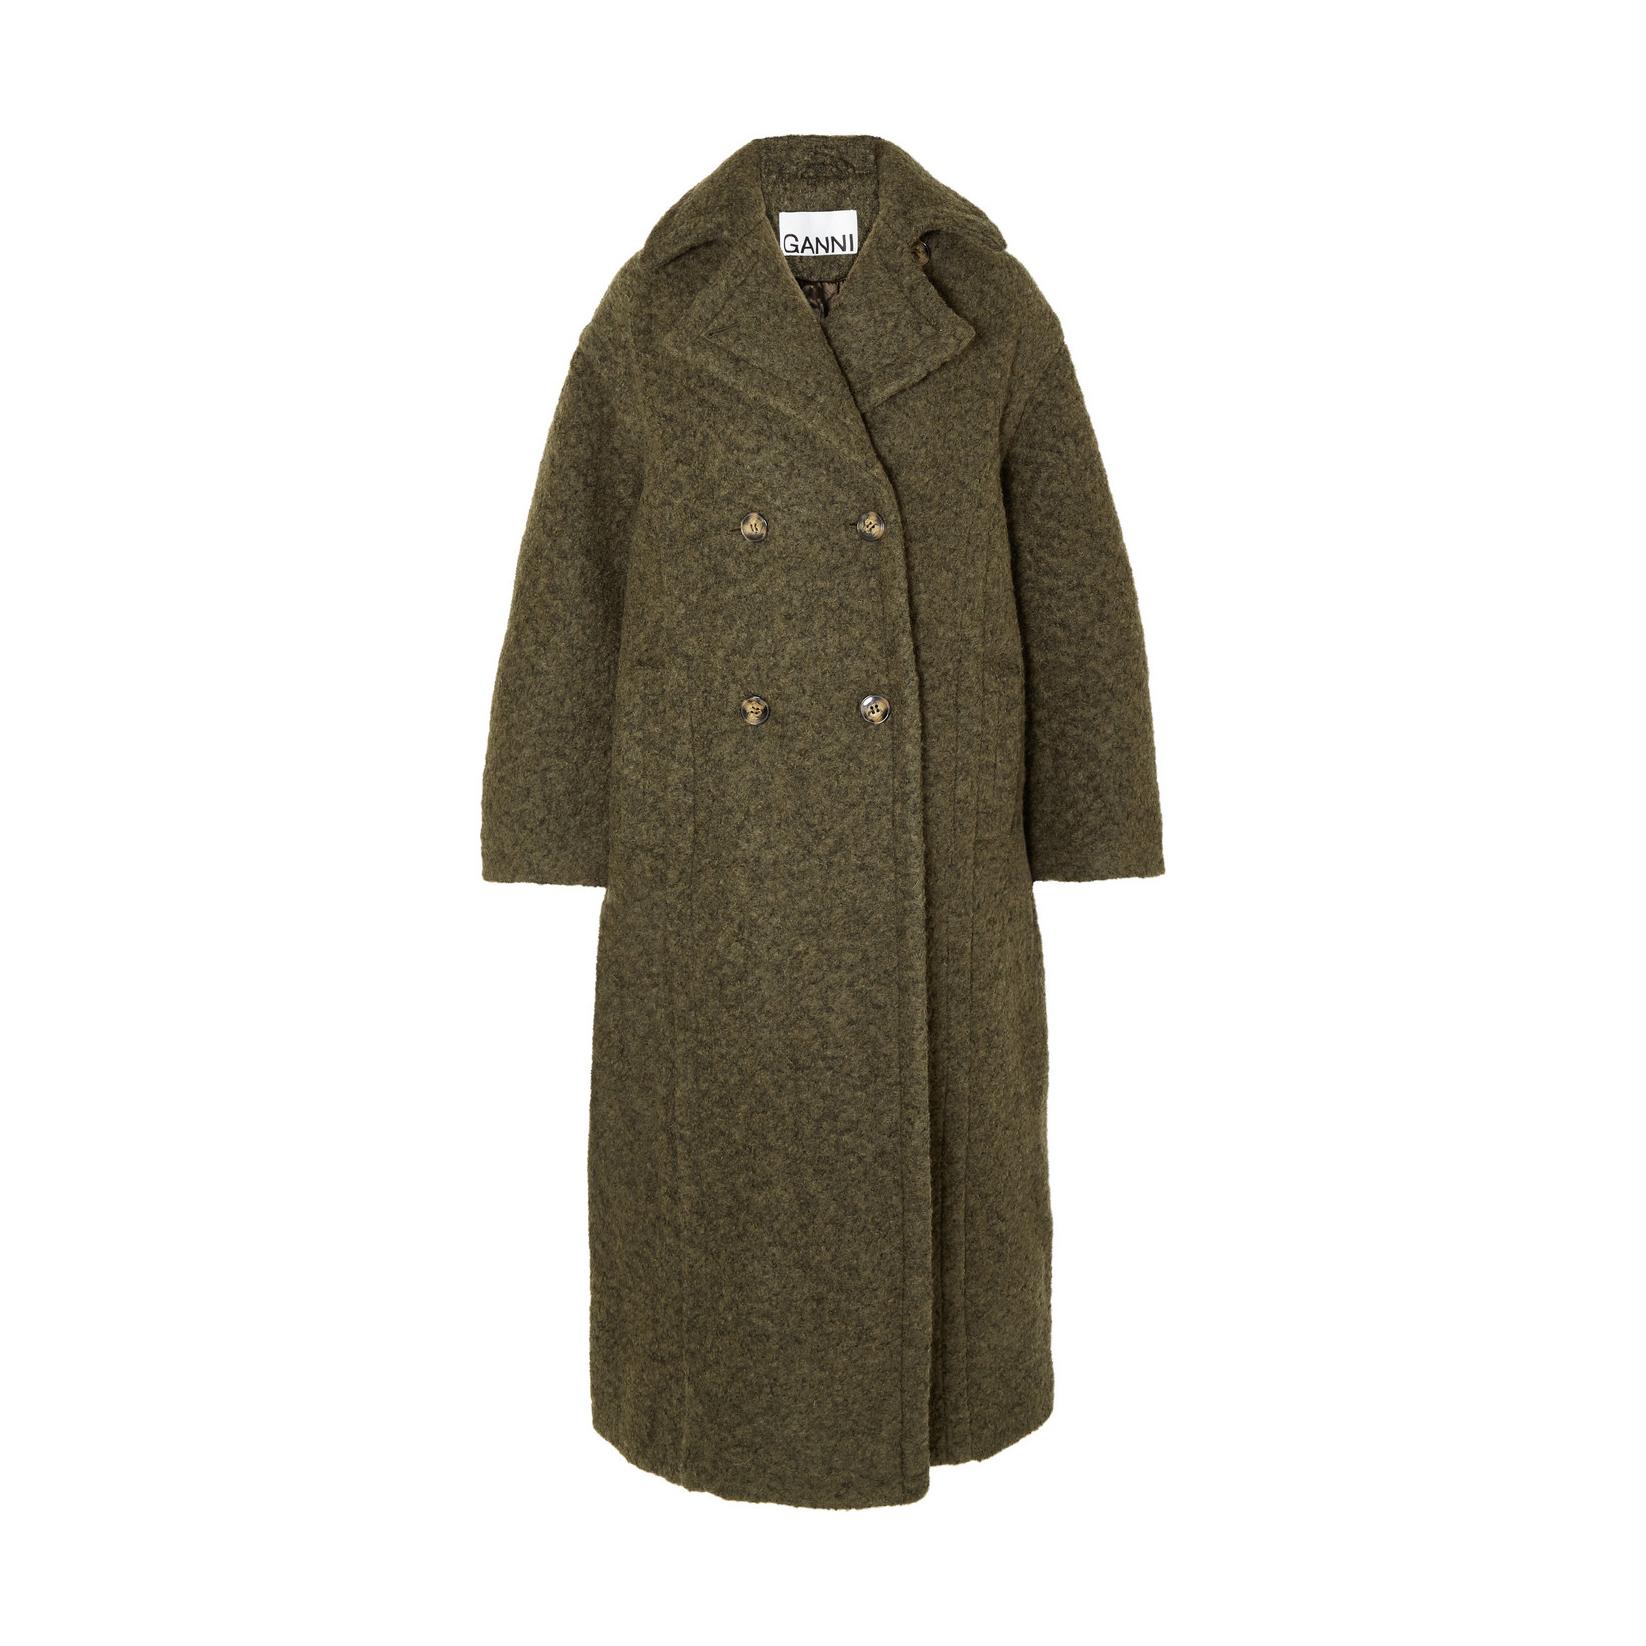 Ganni Oversized Bouclé Coat